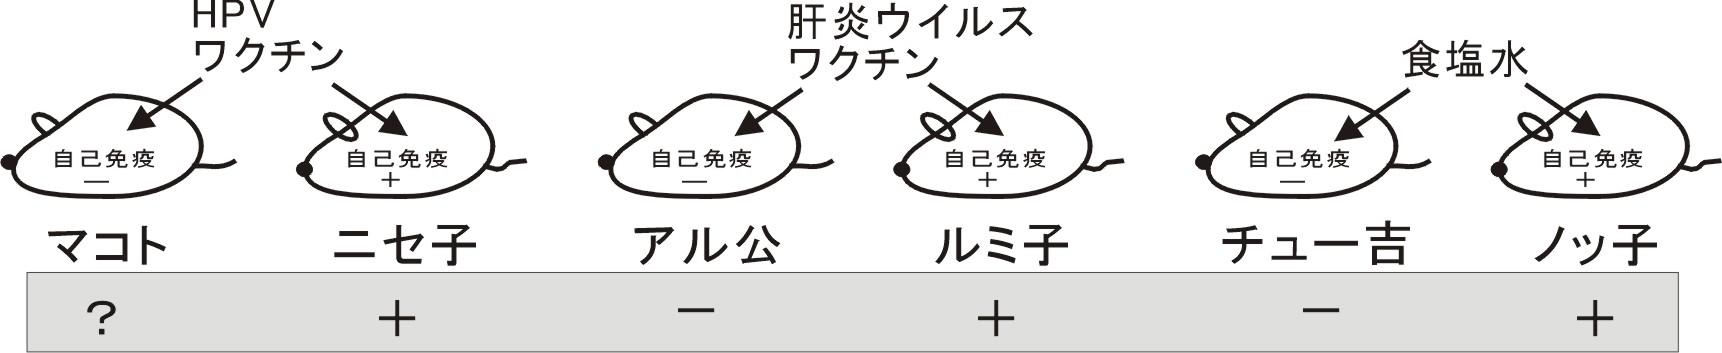 池田脳抗体2